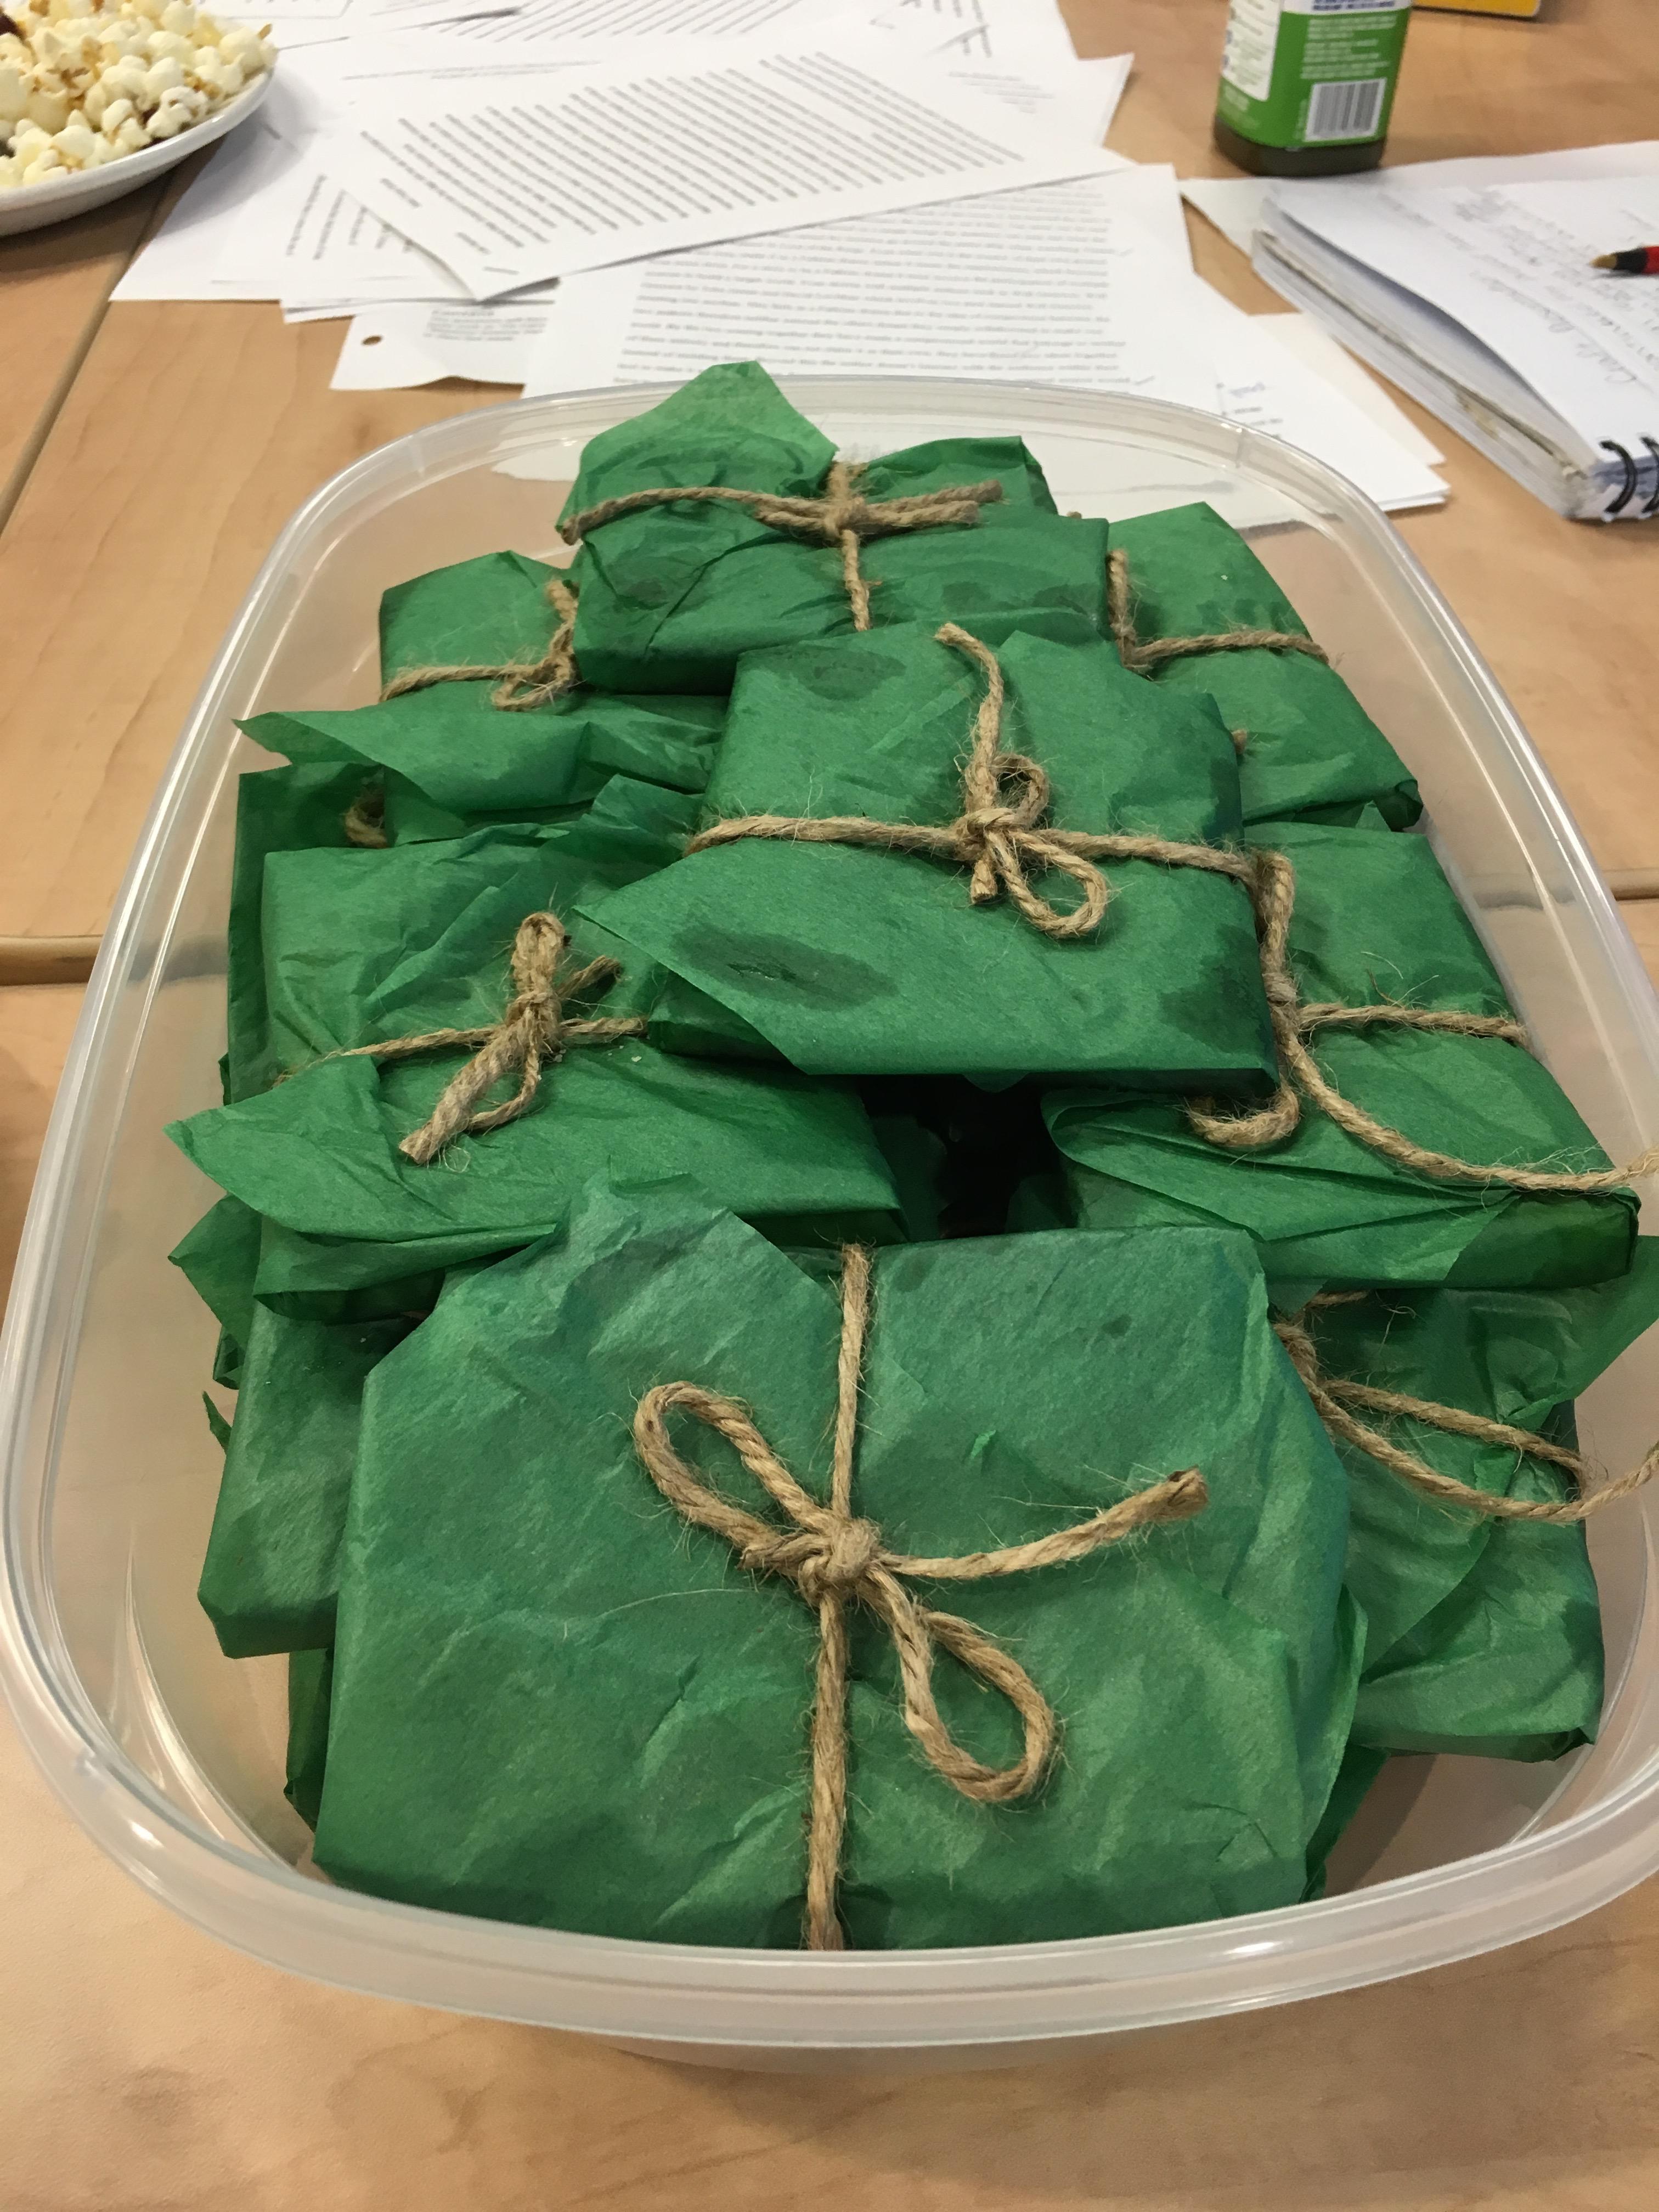 ENGL 4475 gift of lembas